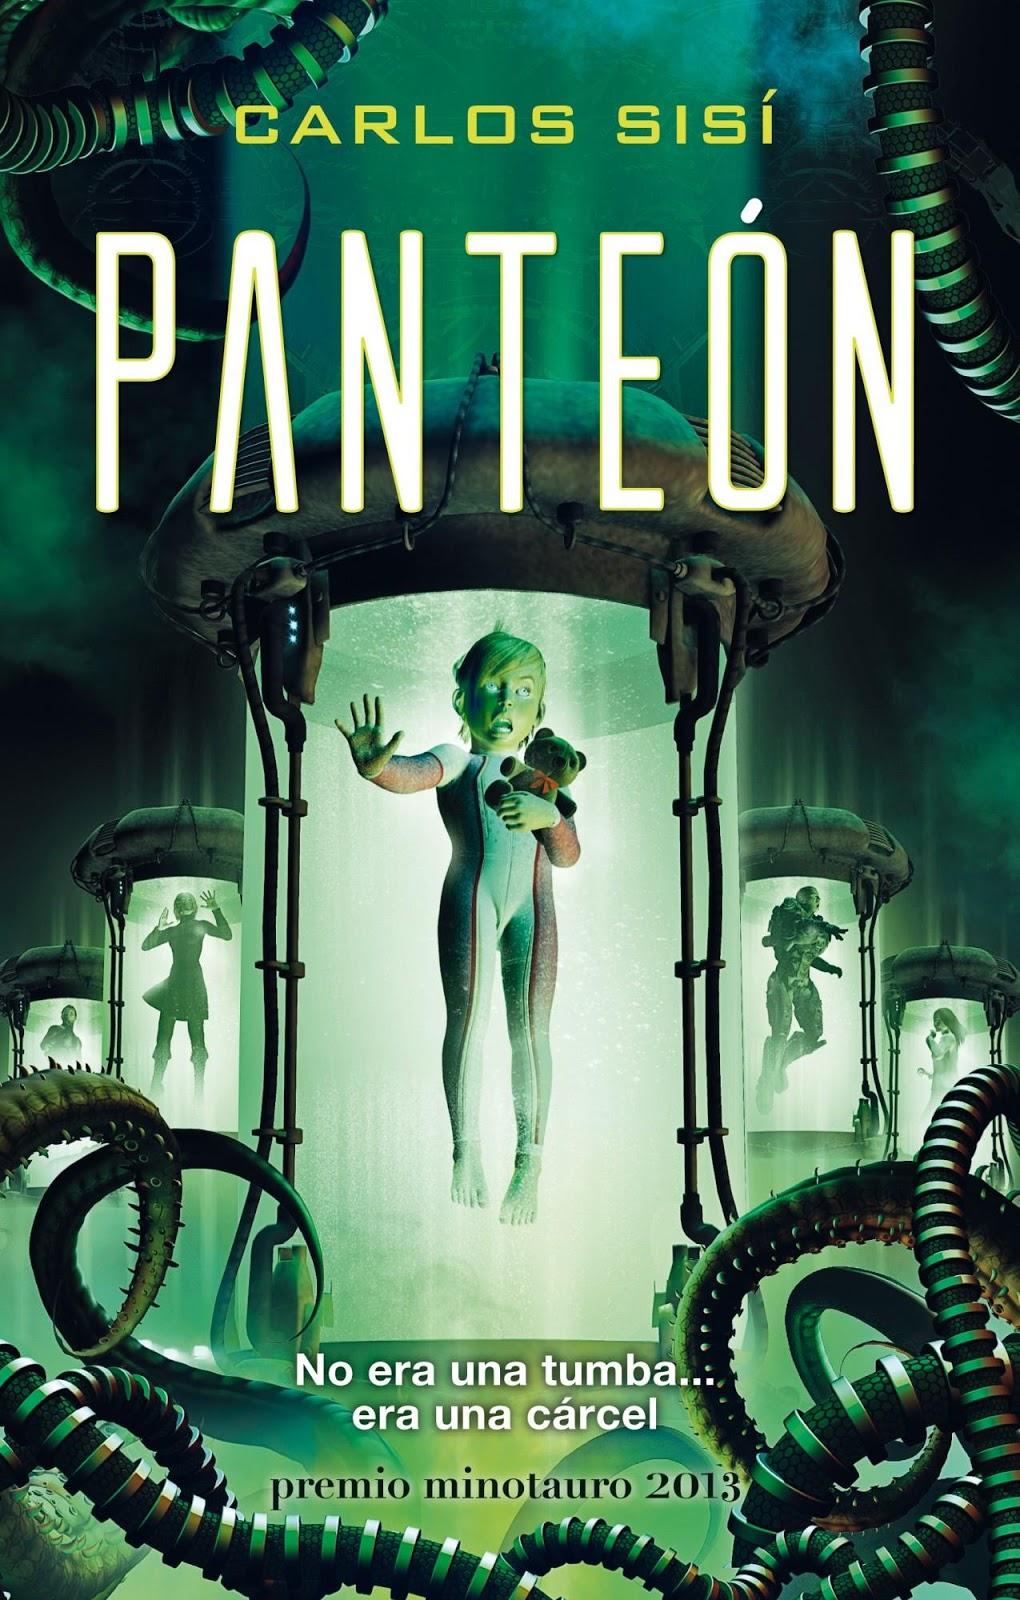 panteon-x-premio-minotauro-2013-9788445001172 80 novelas recomendadas de ciencia-ficción contemporánea (por subgéneros y temas)